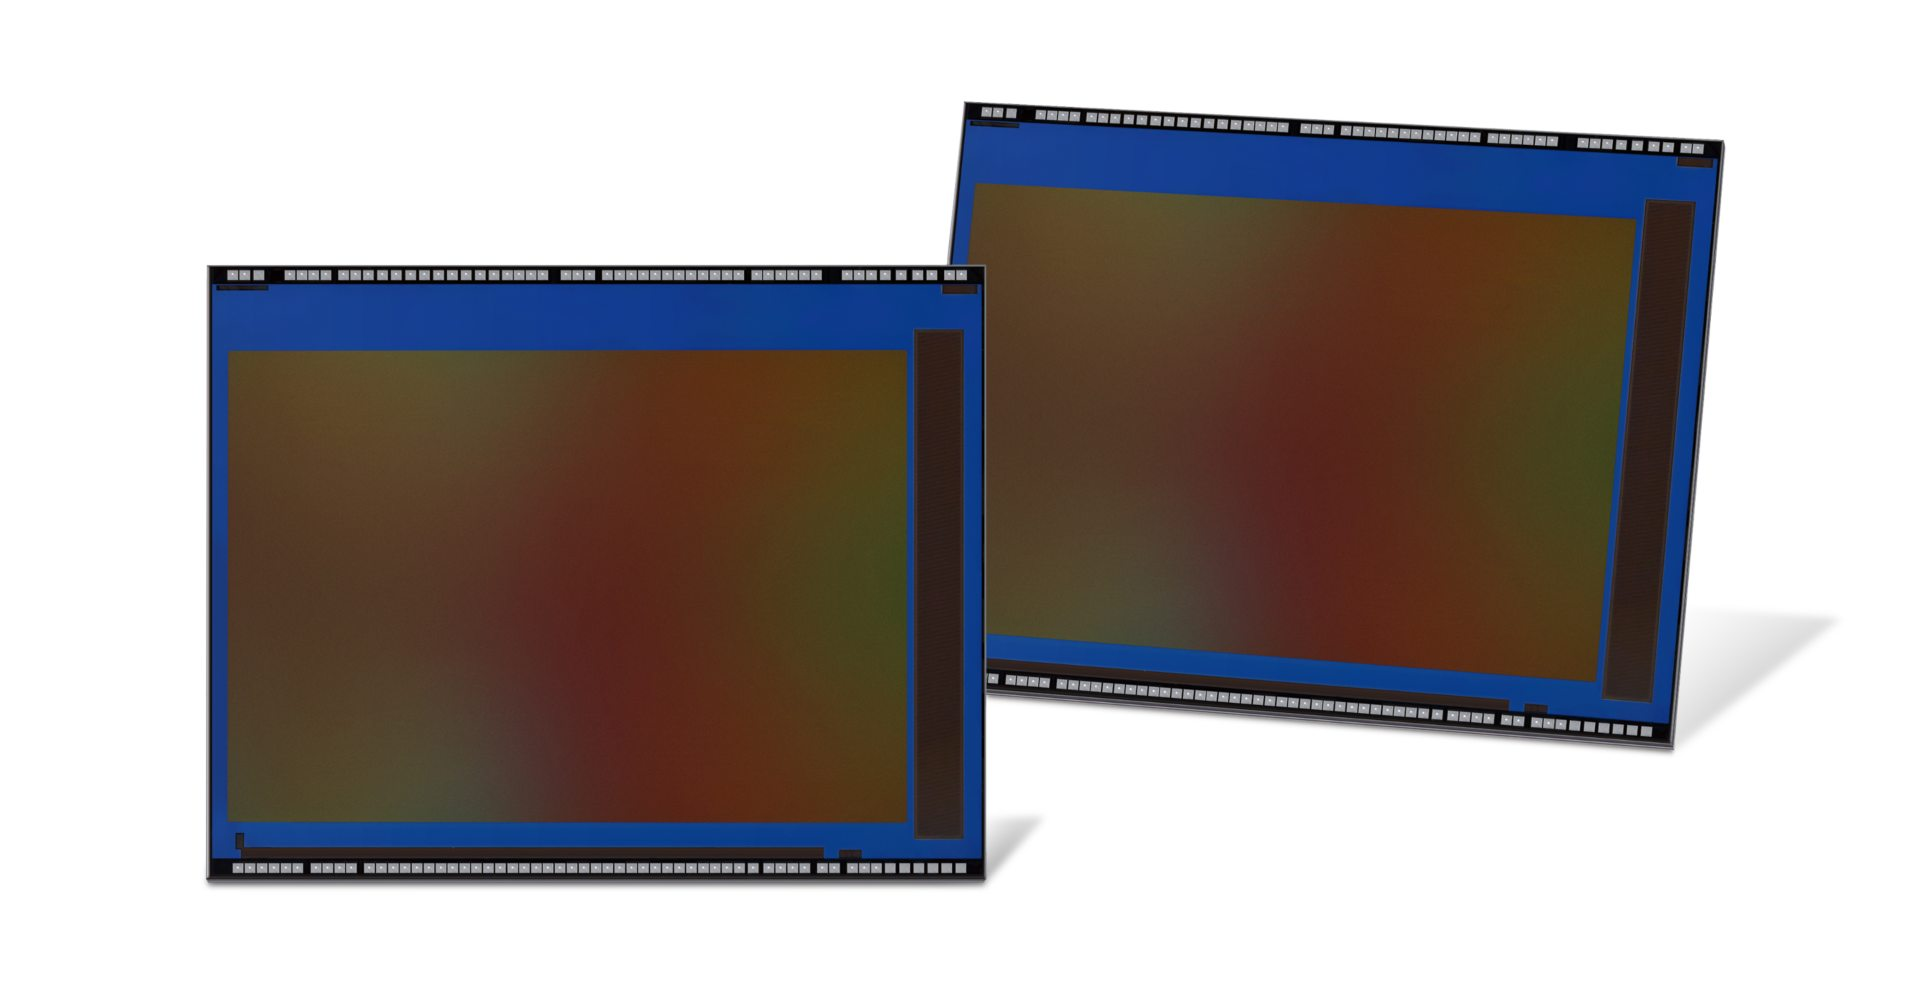 Samsung presenta el primer sensor de imagen móvil de 0.7 micras por píxel